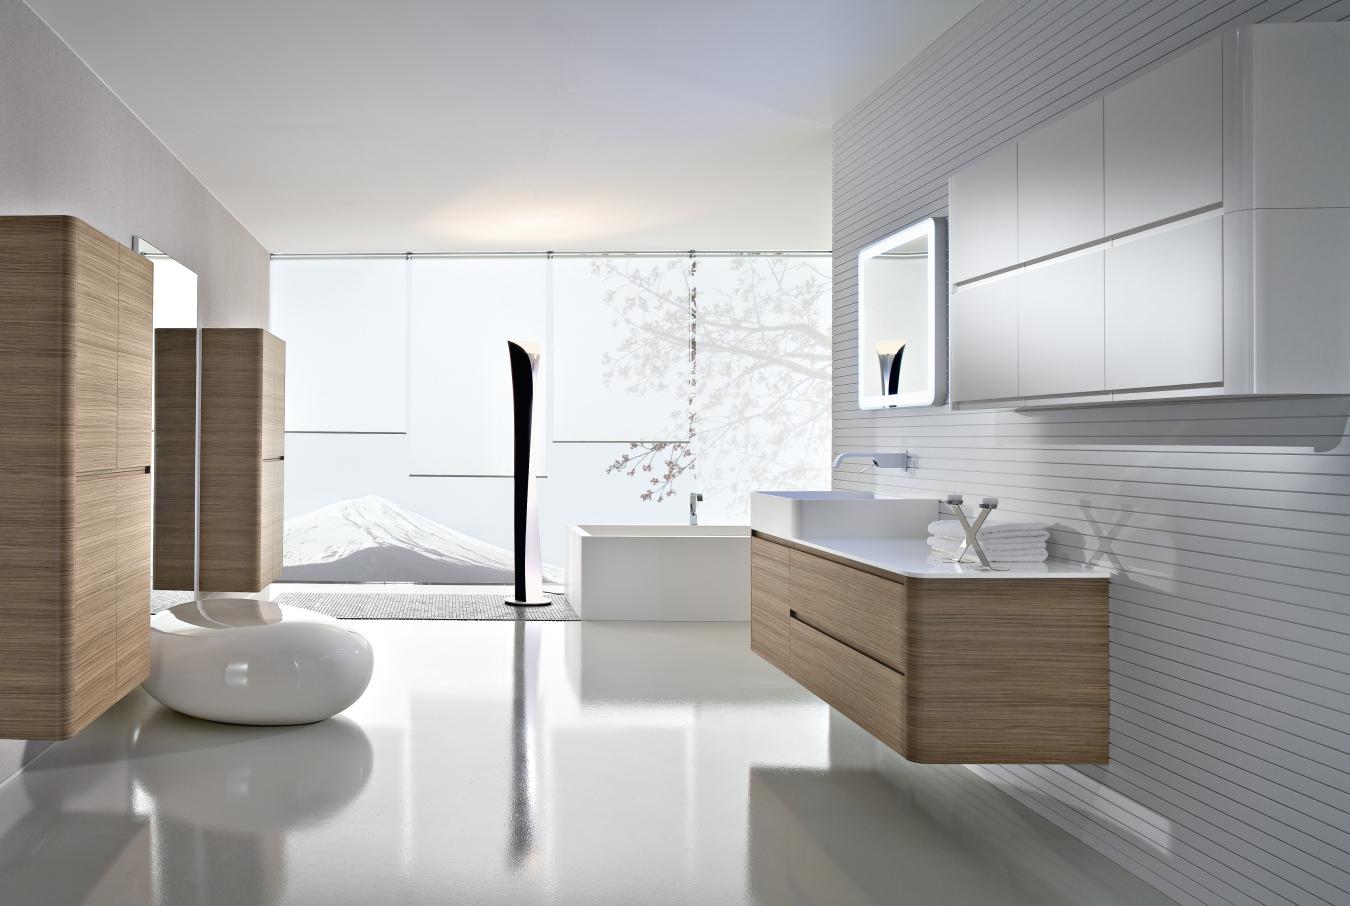 Мебель под дерево в стиле минимализм в ванной